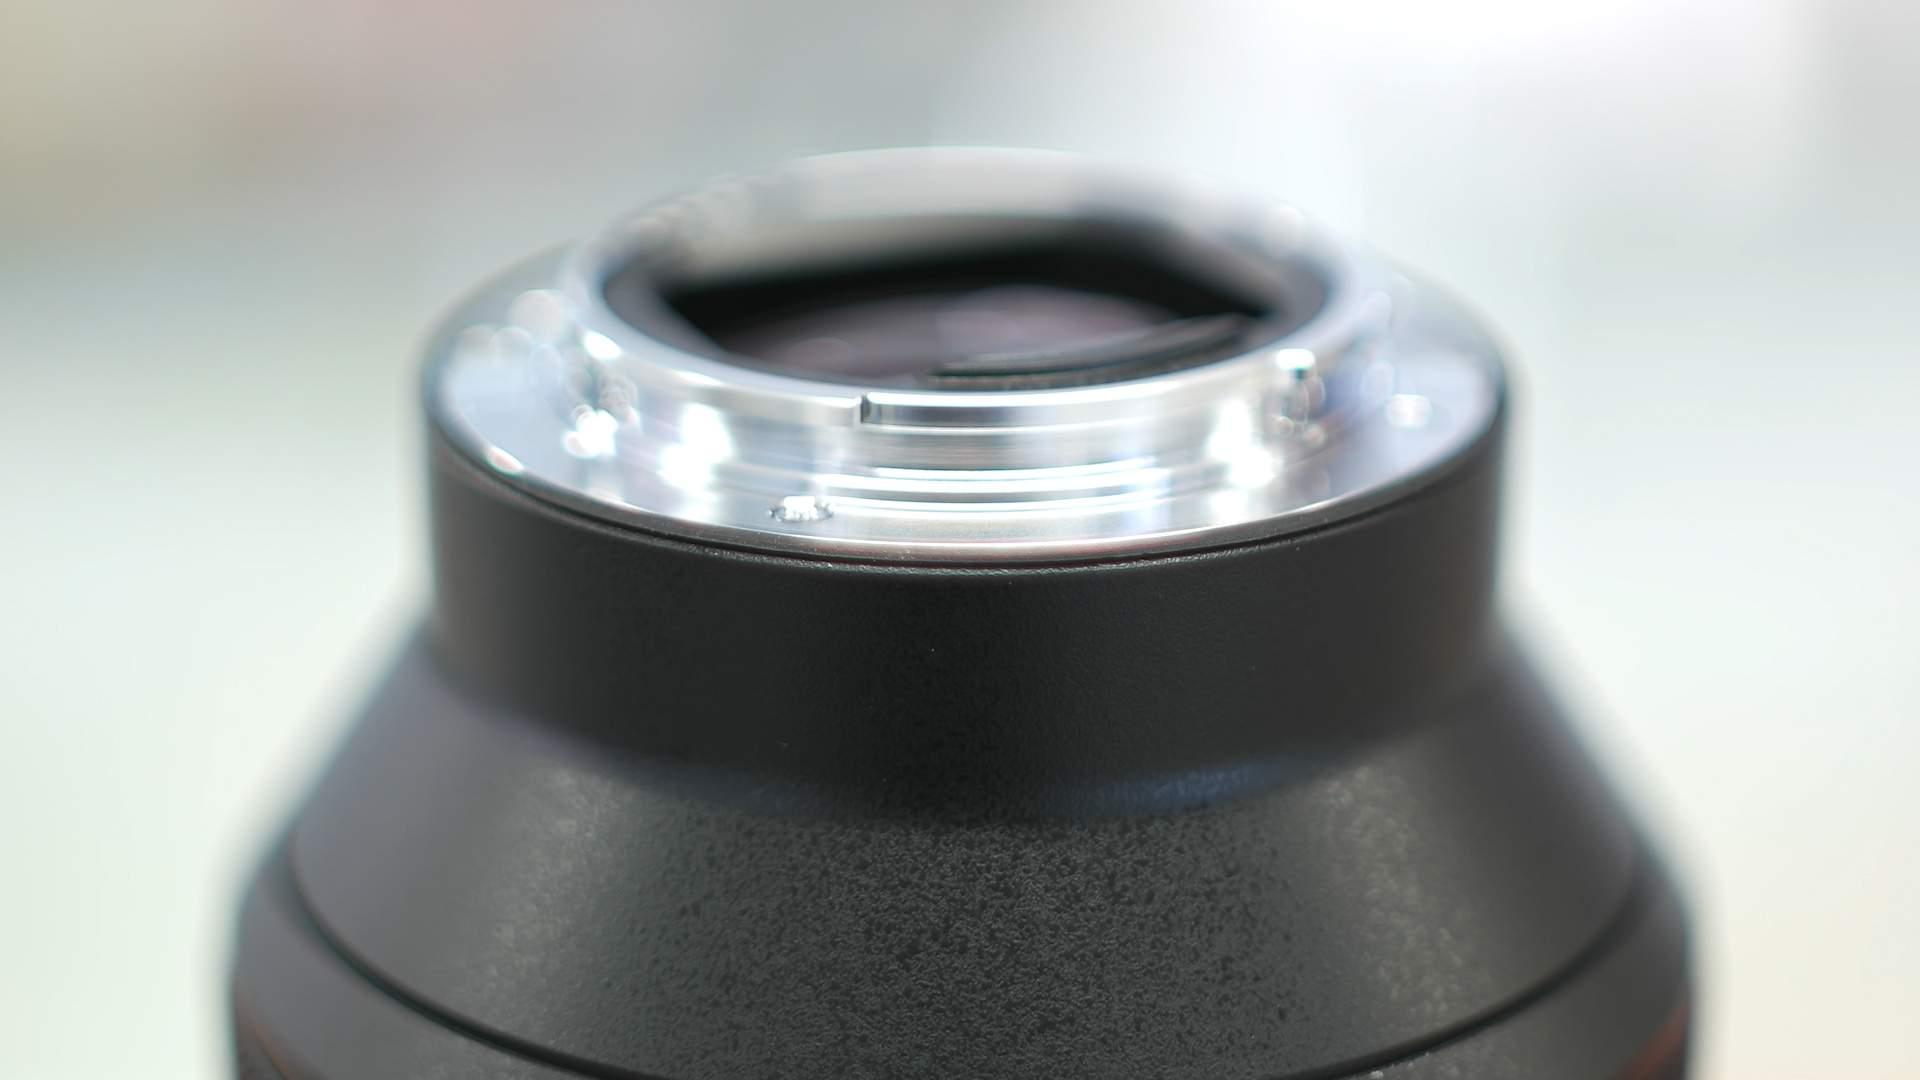 Dettaglio guarnizione Sony 85mm f1.4 GM